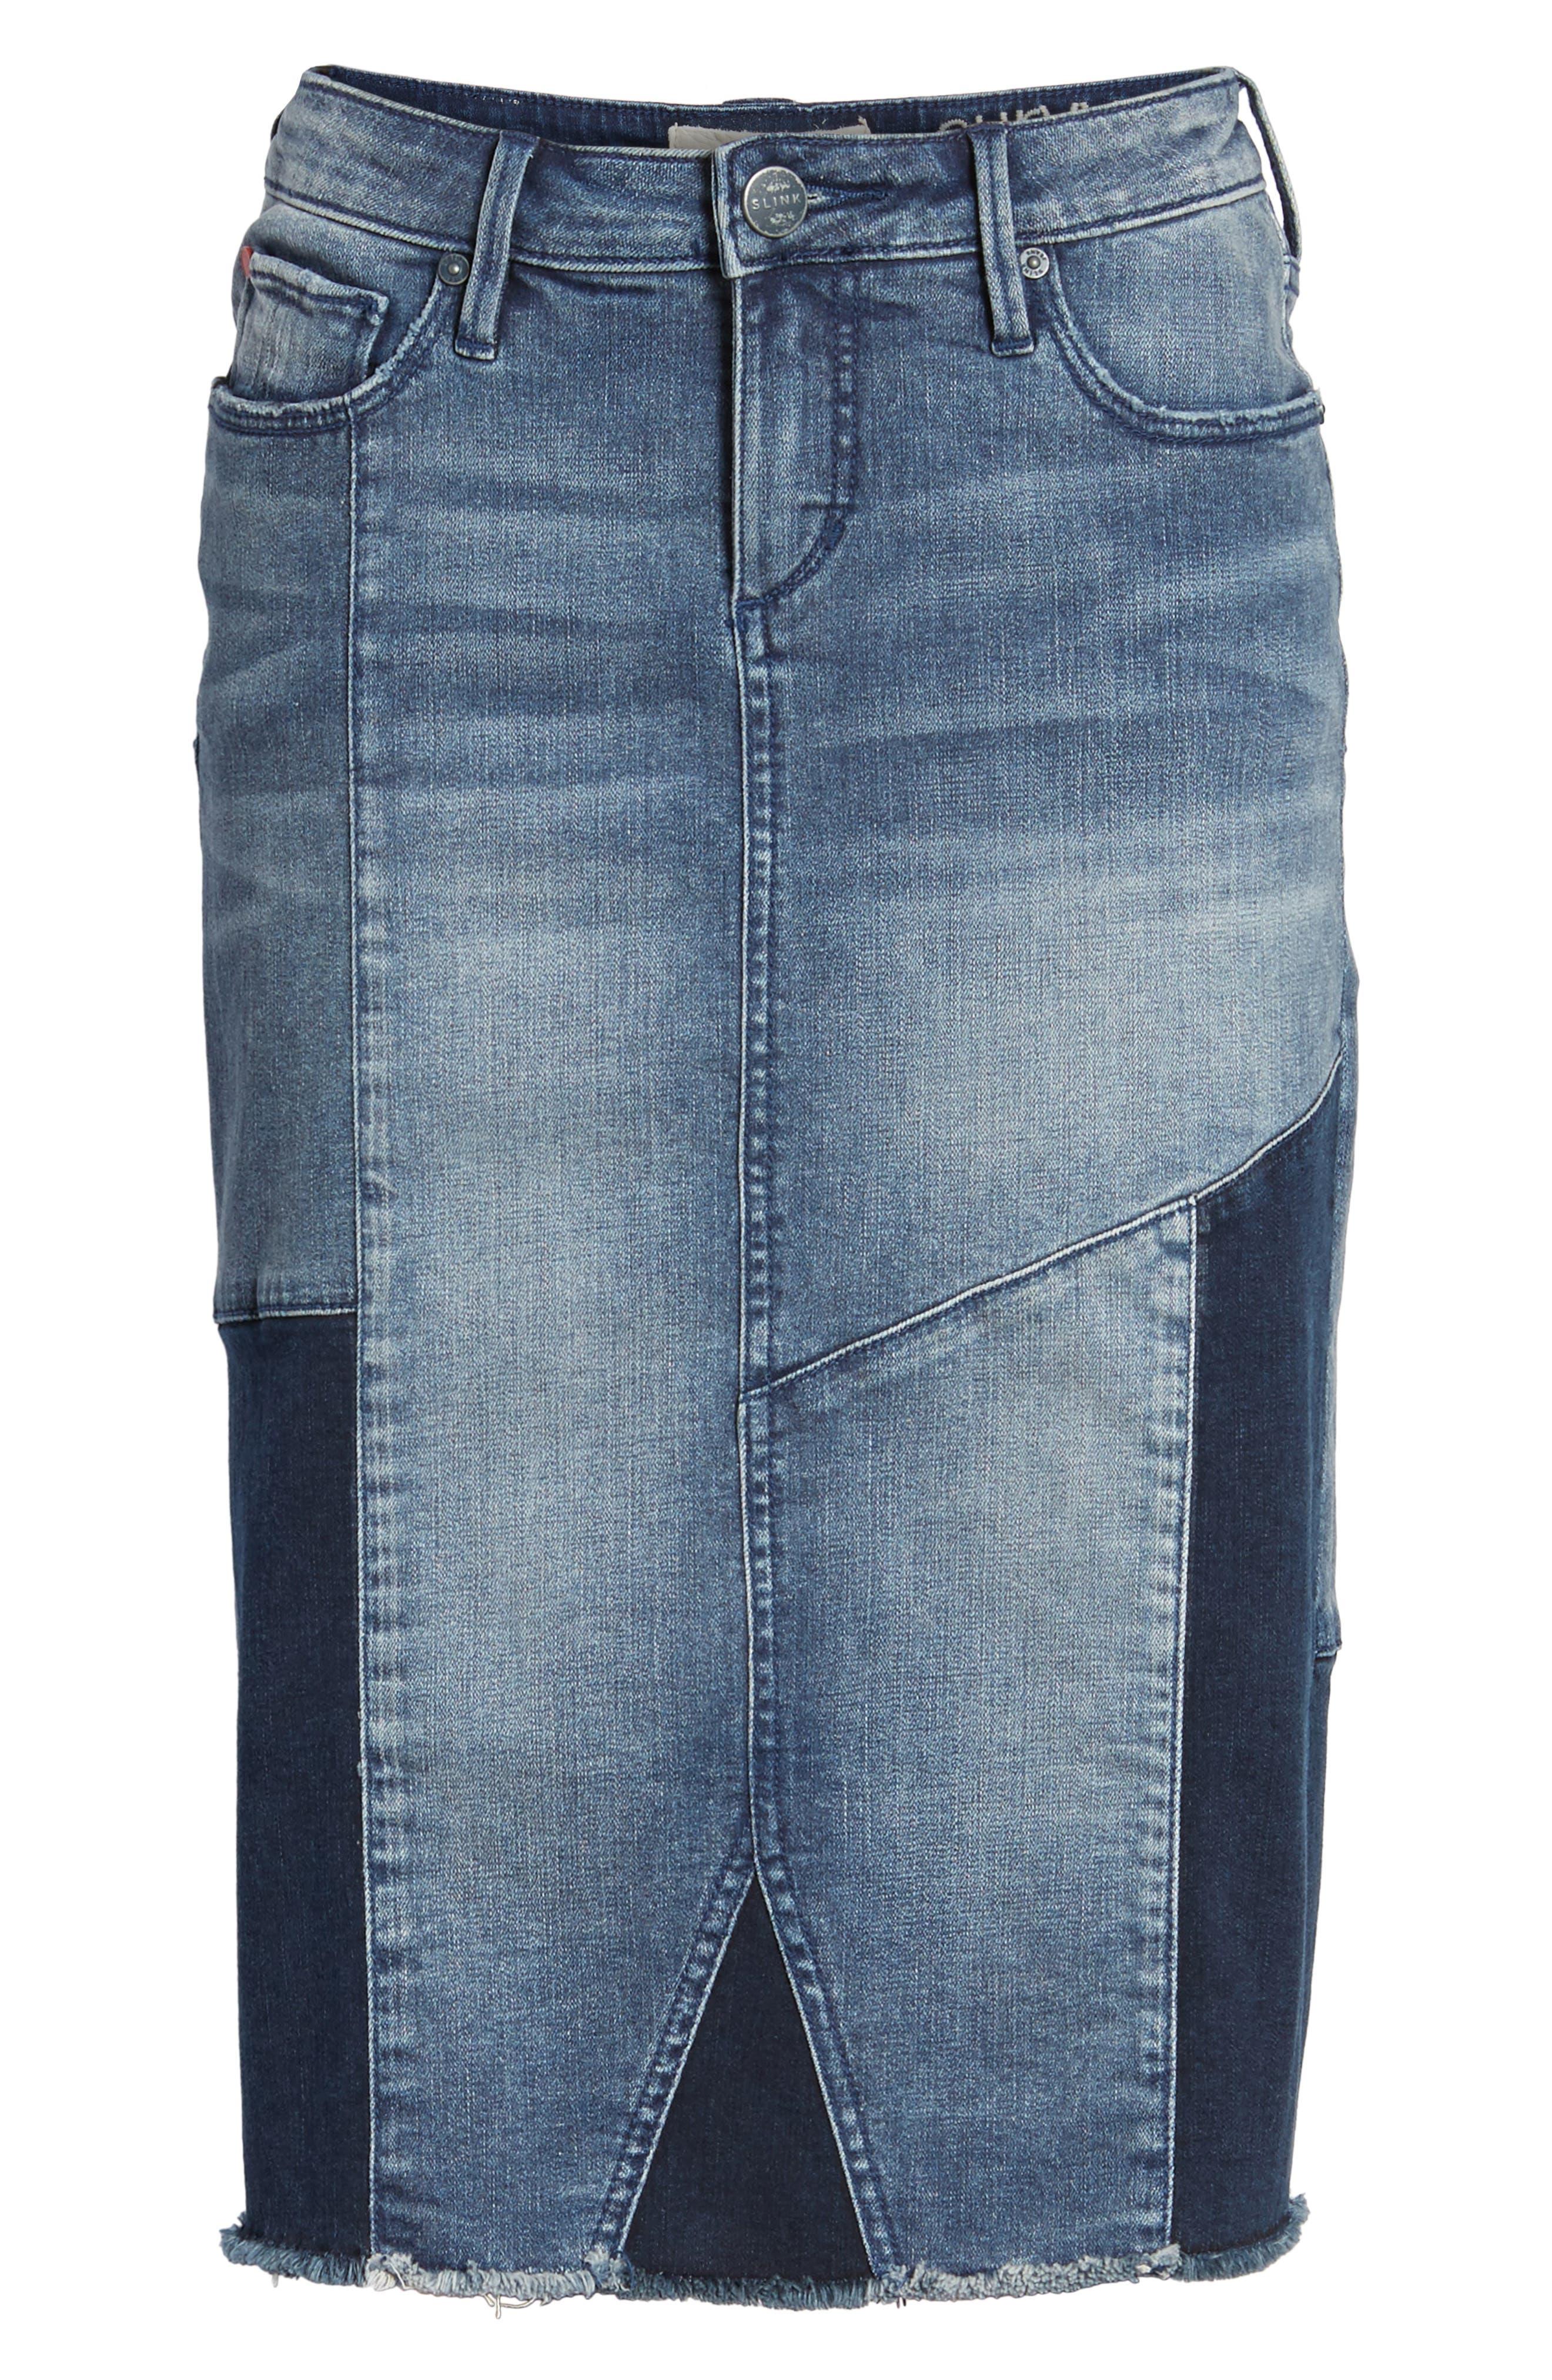 Patchwork Denim Skirt,                             Alternate thumbnail 6, color,                             VANESSA